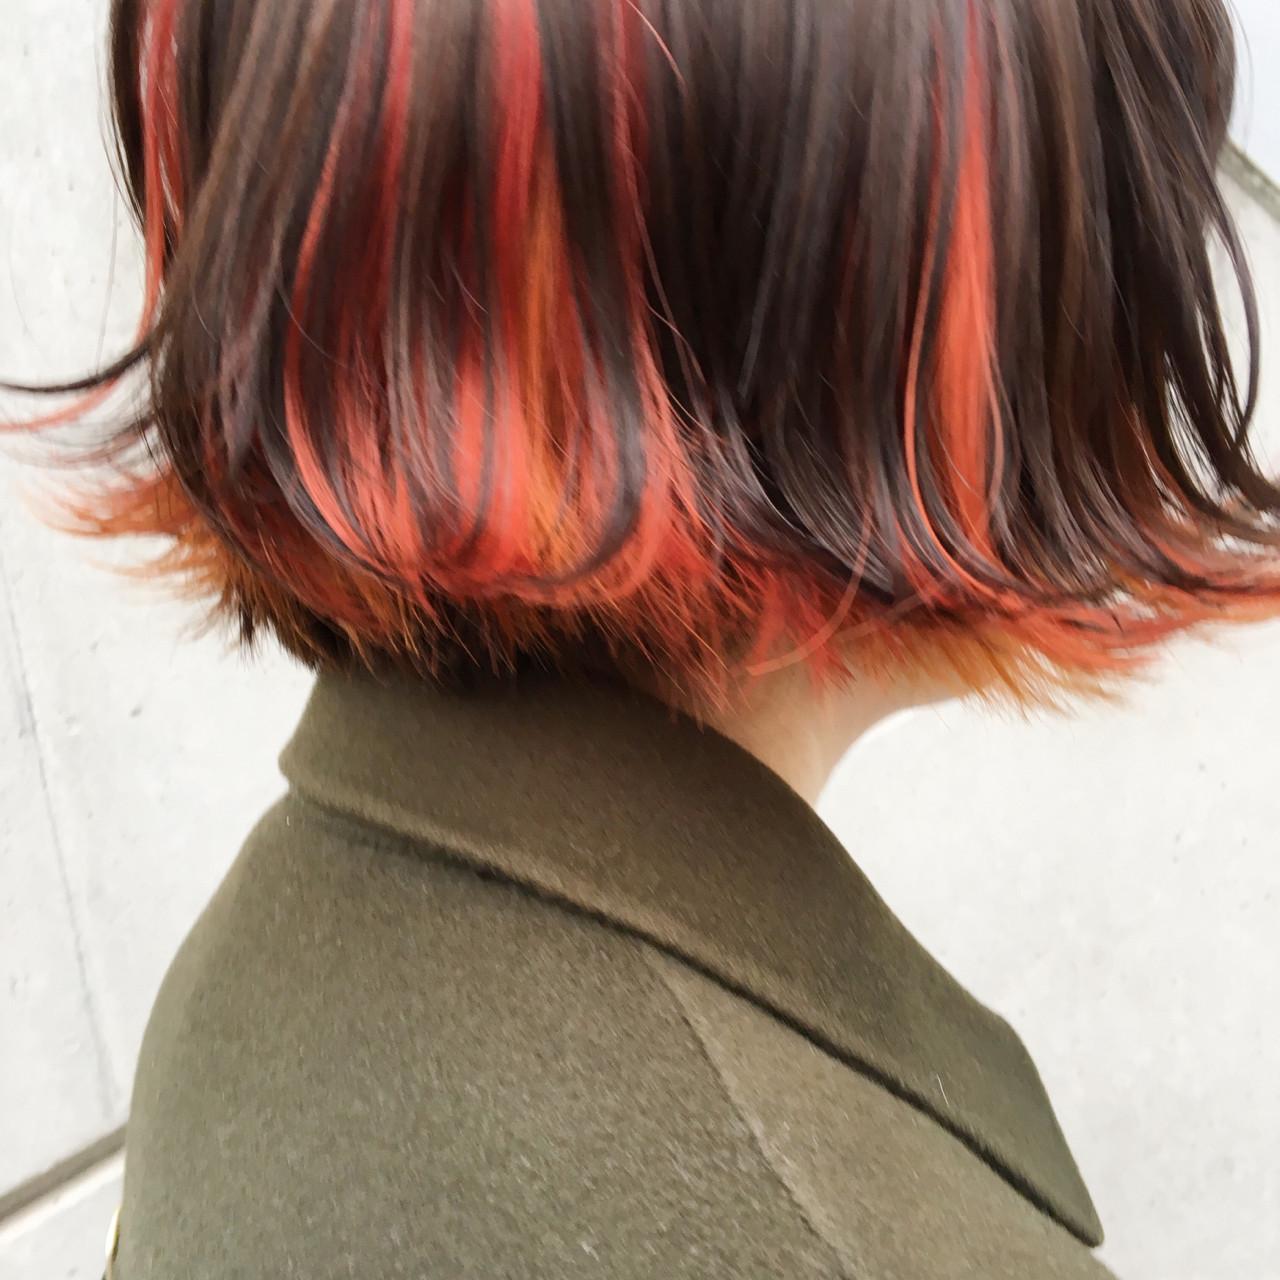 話題のヘアカラーチョークとは?使い方や人気の髪色など徹底解説♡の23枚目の画像